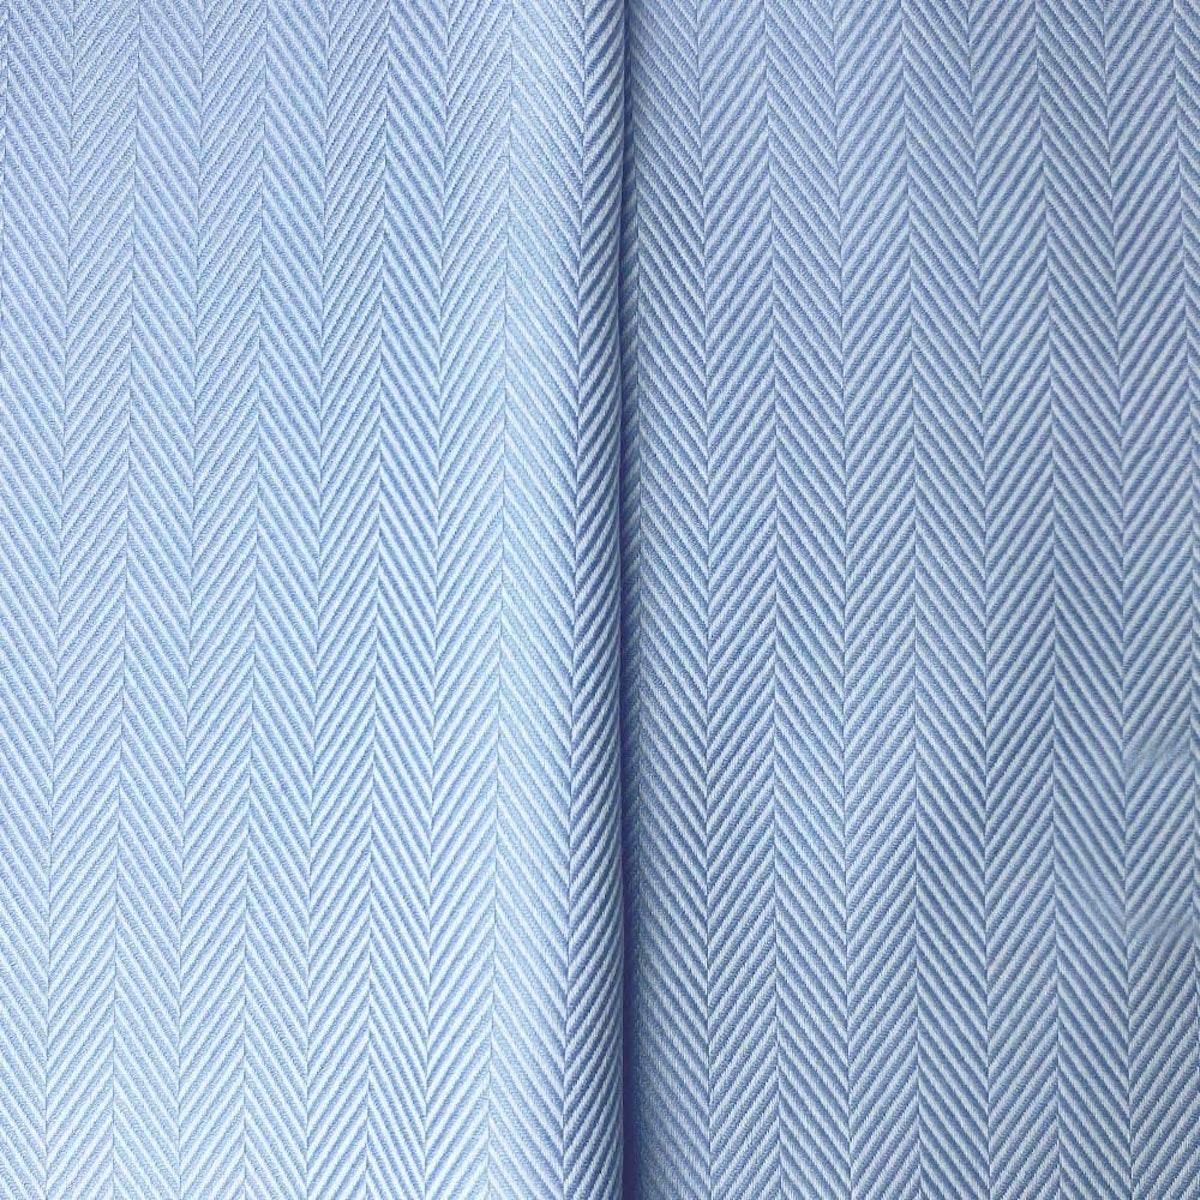 InStitchu Shirt Fabric 49